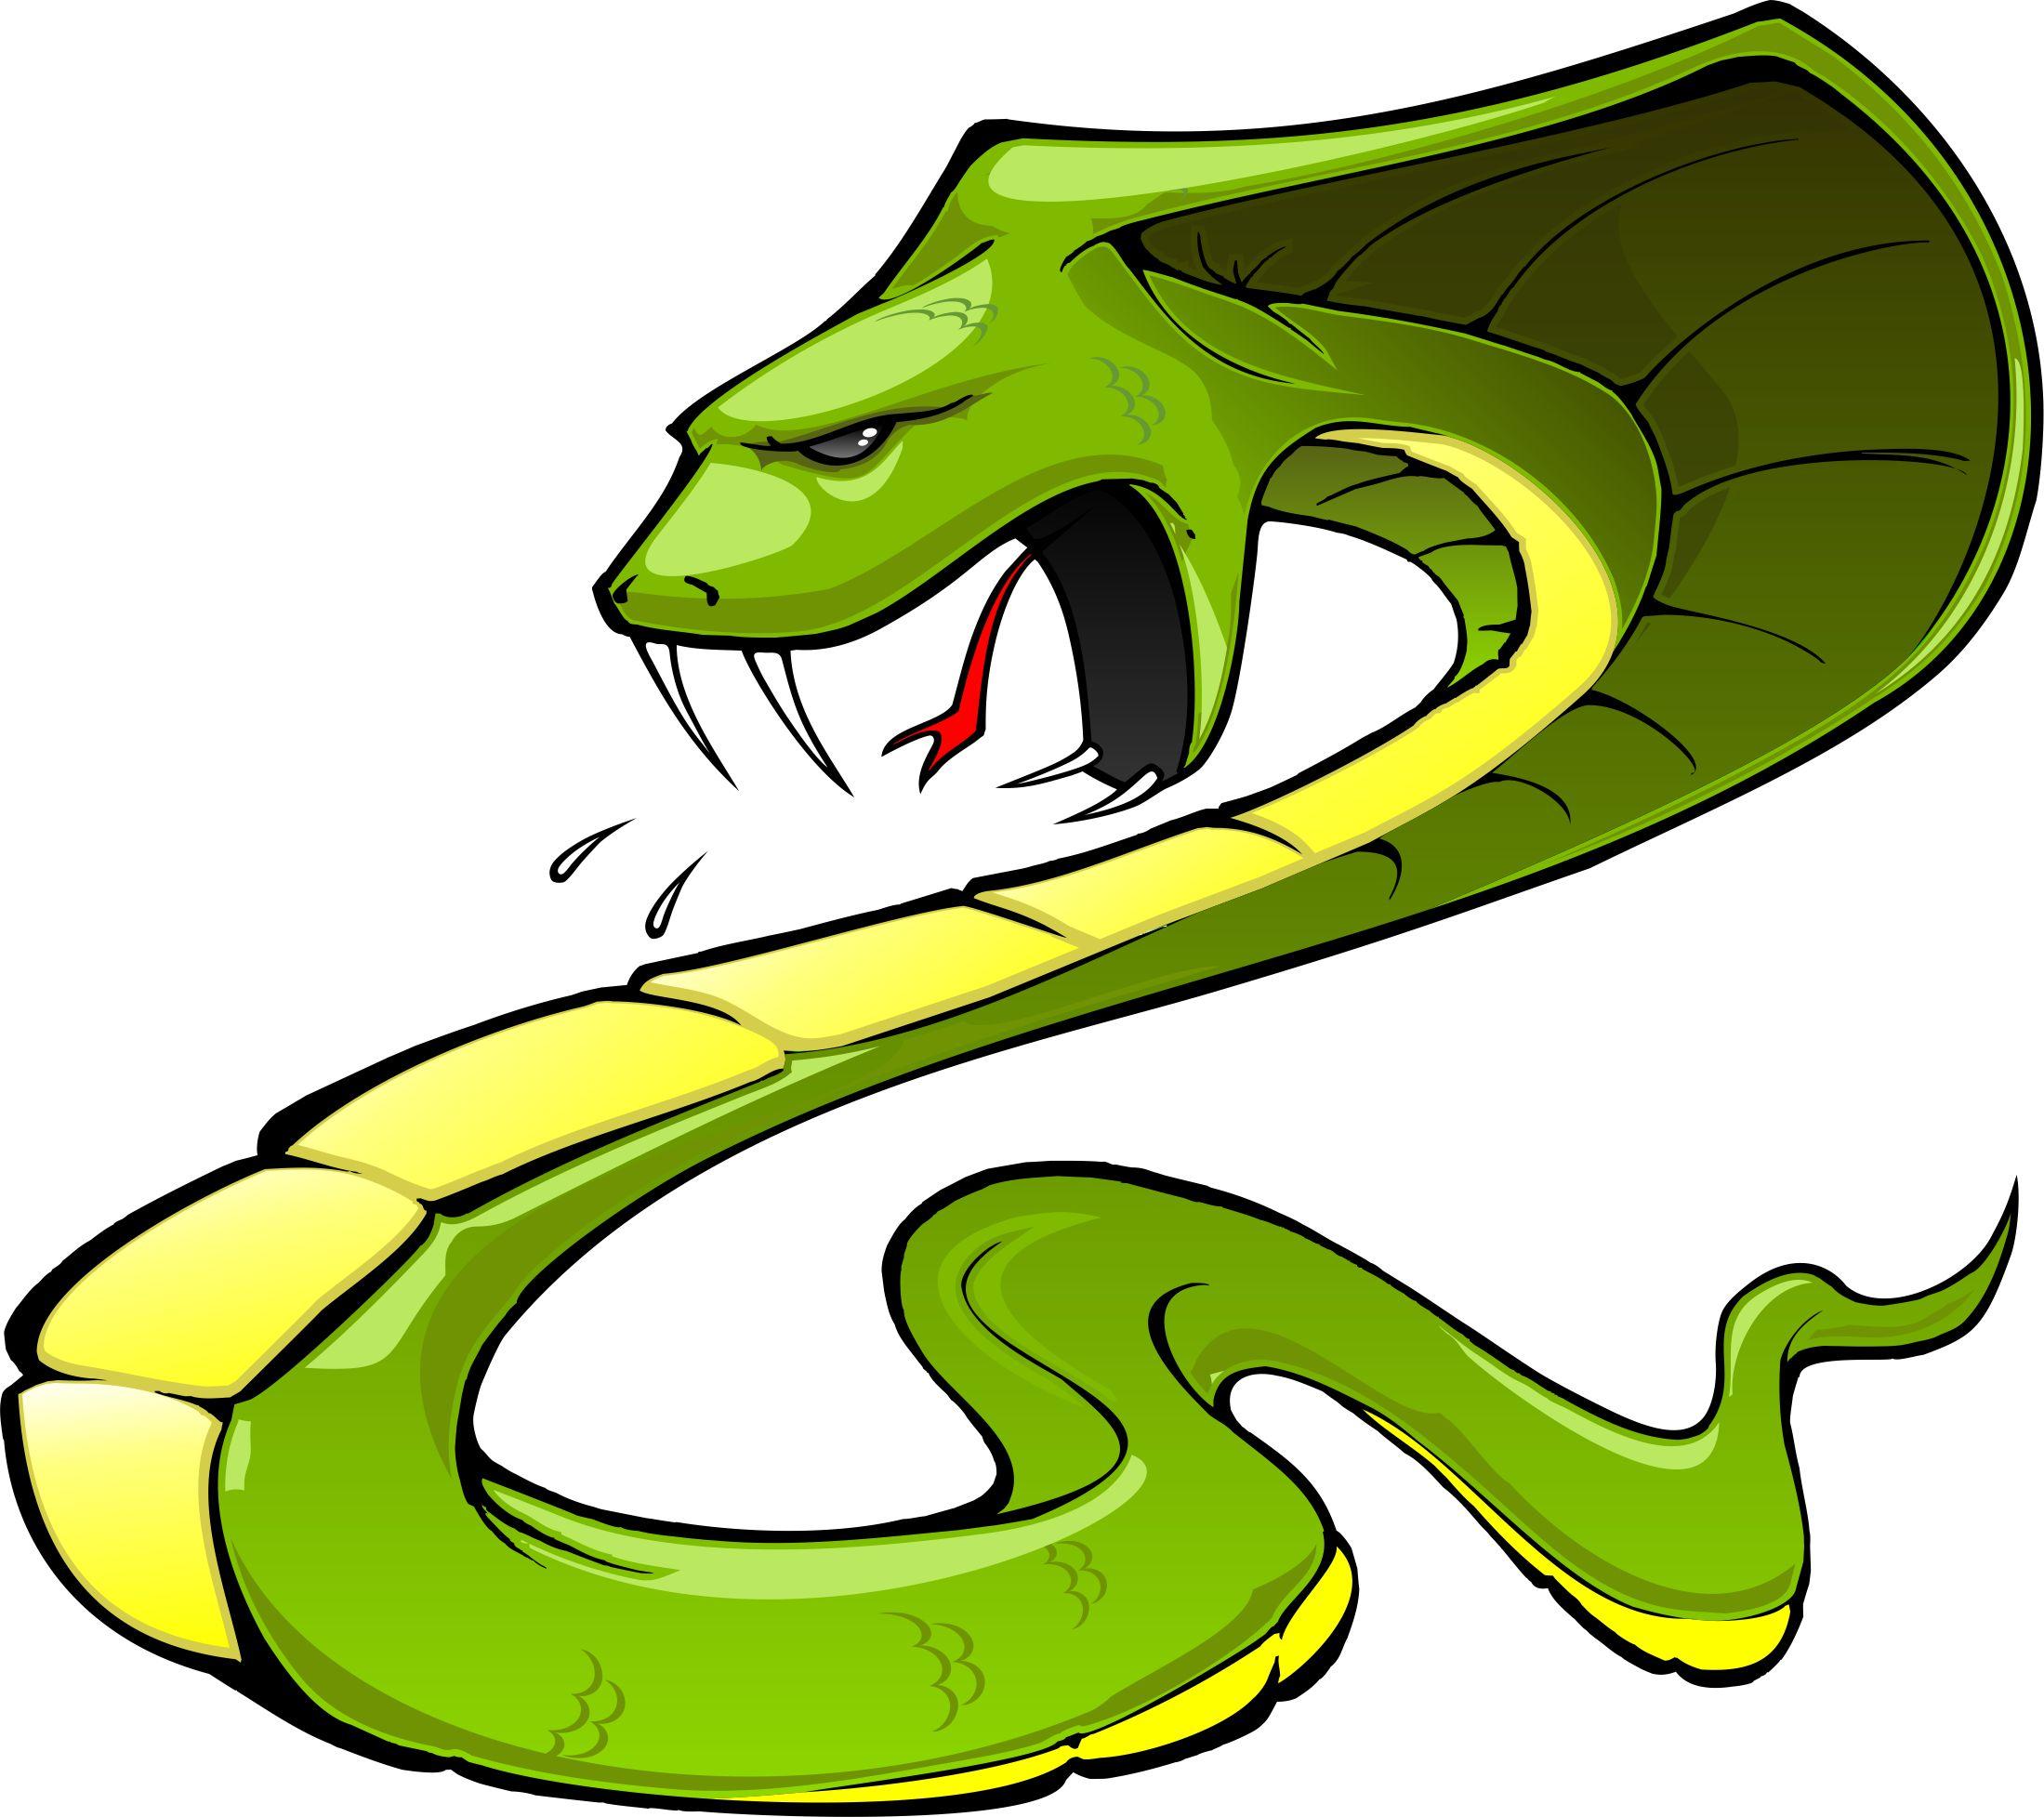 viper free